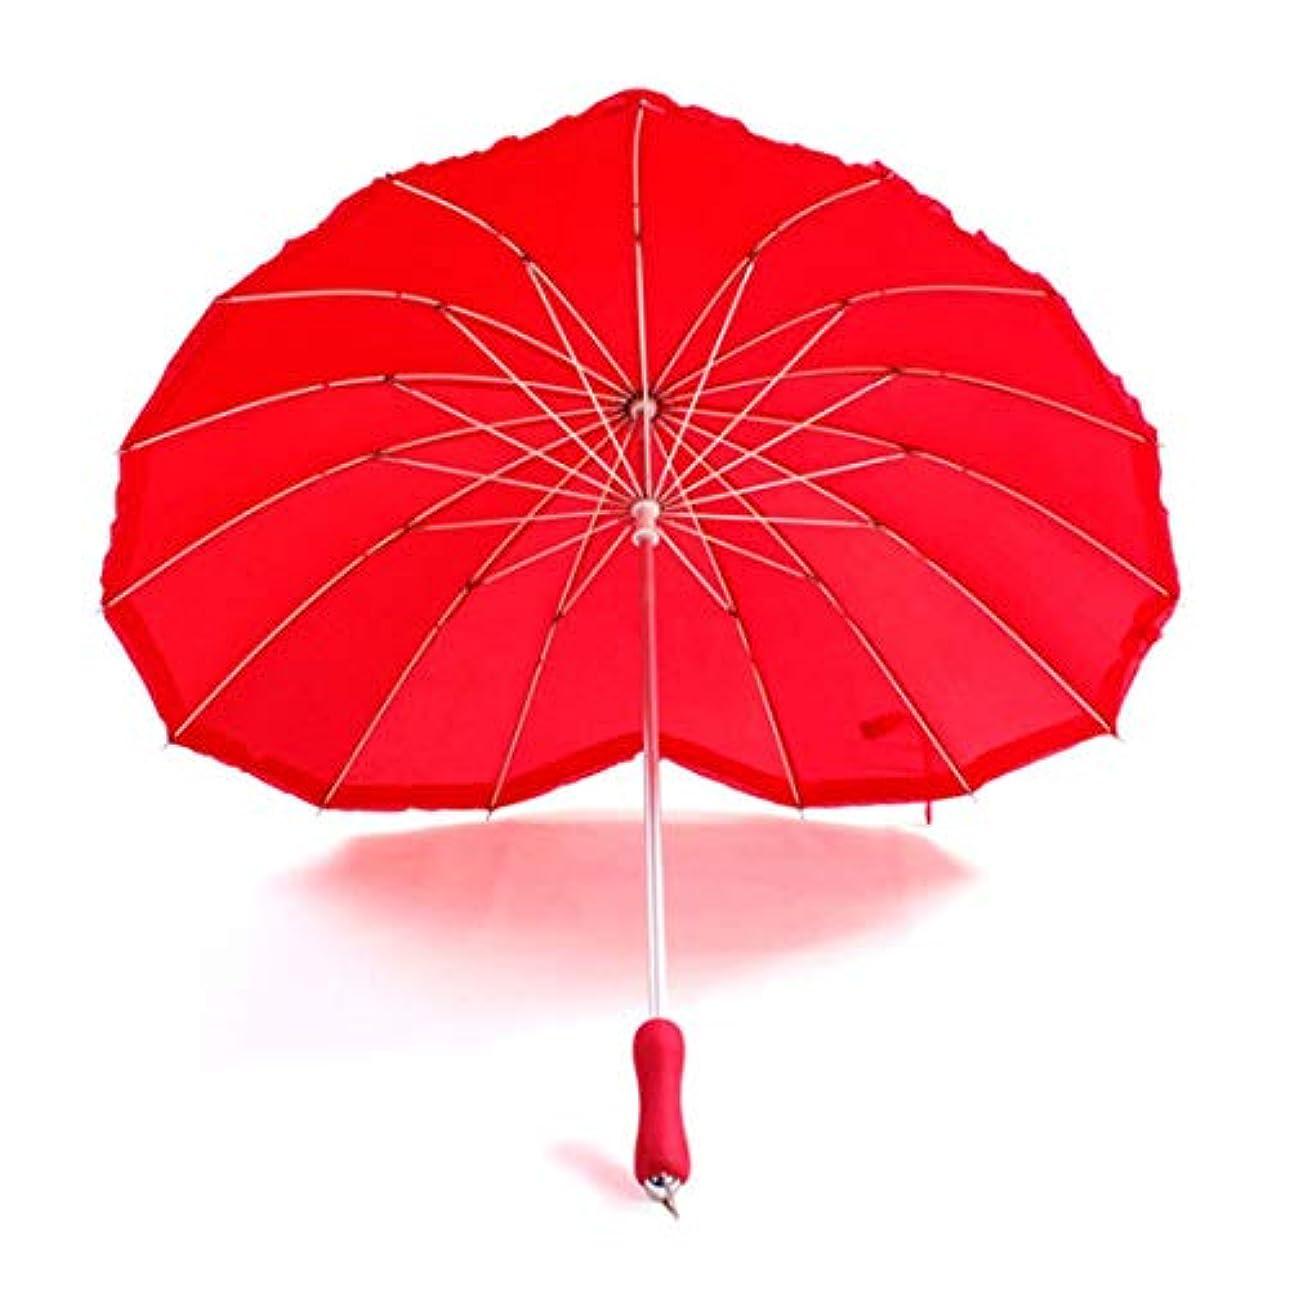 誇大妄想ゴネリル高音HOHYLLYA ロゴ付きクリエイティブハートラブ傘クリア傘ブライダル傘日傘 sunshade (Color : レッド)